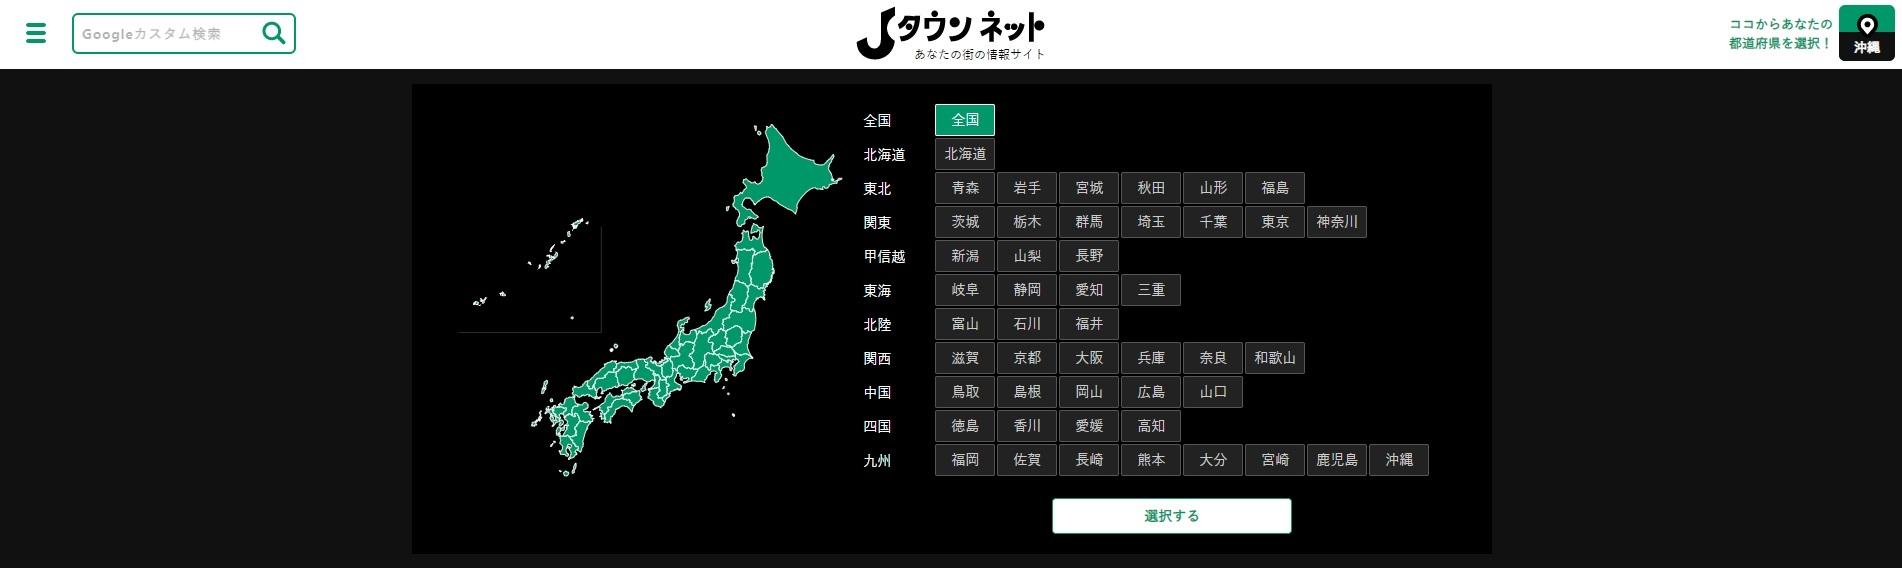 リリース都道府県選択.jpg